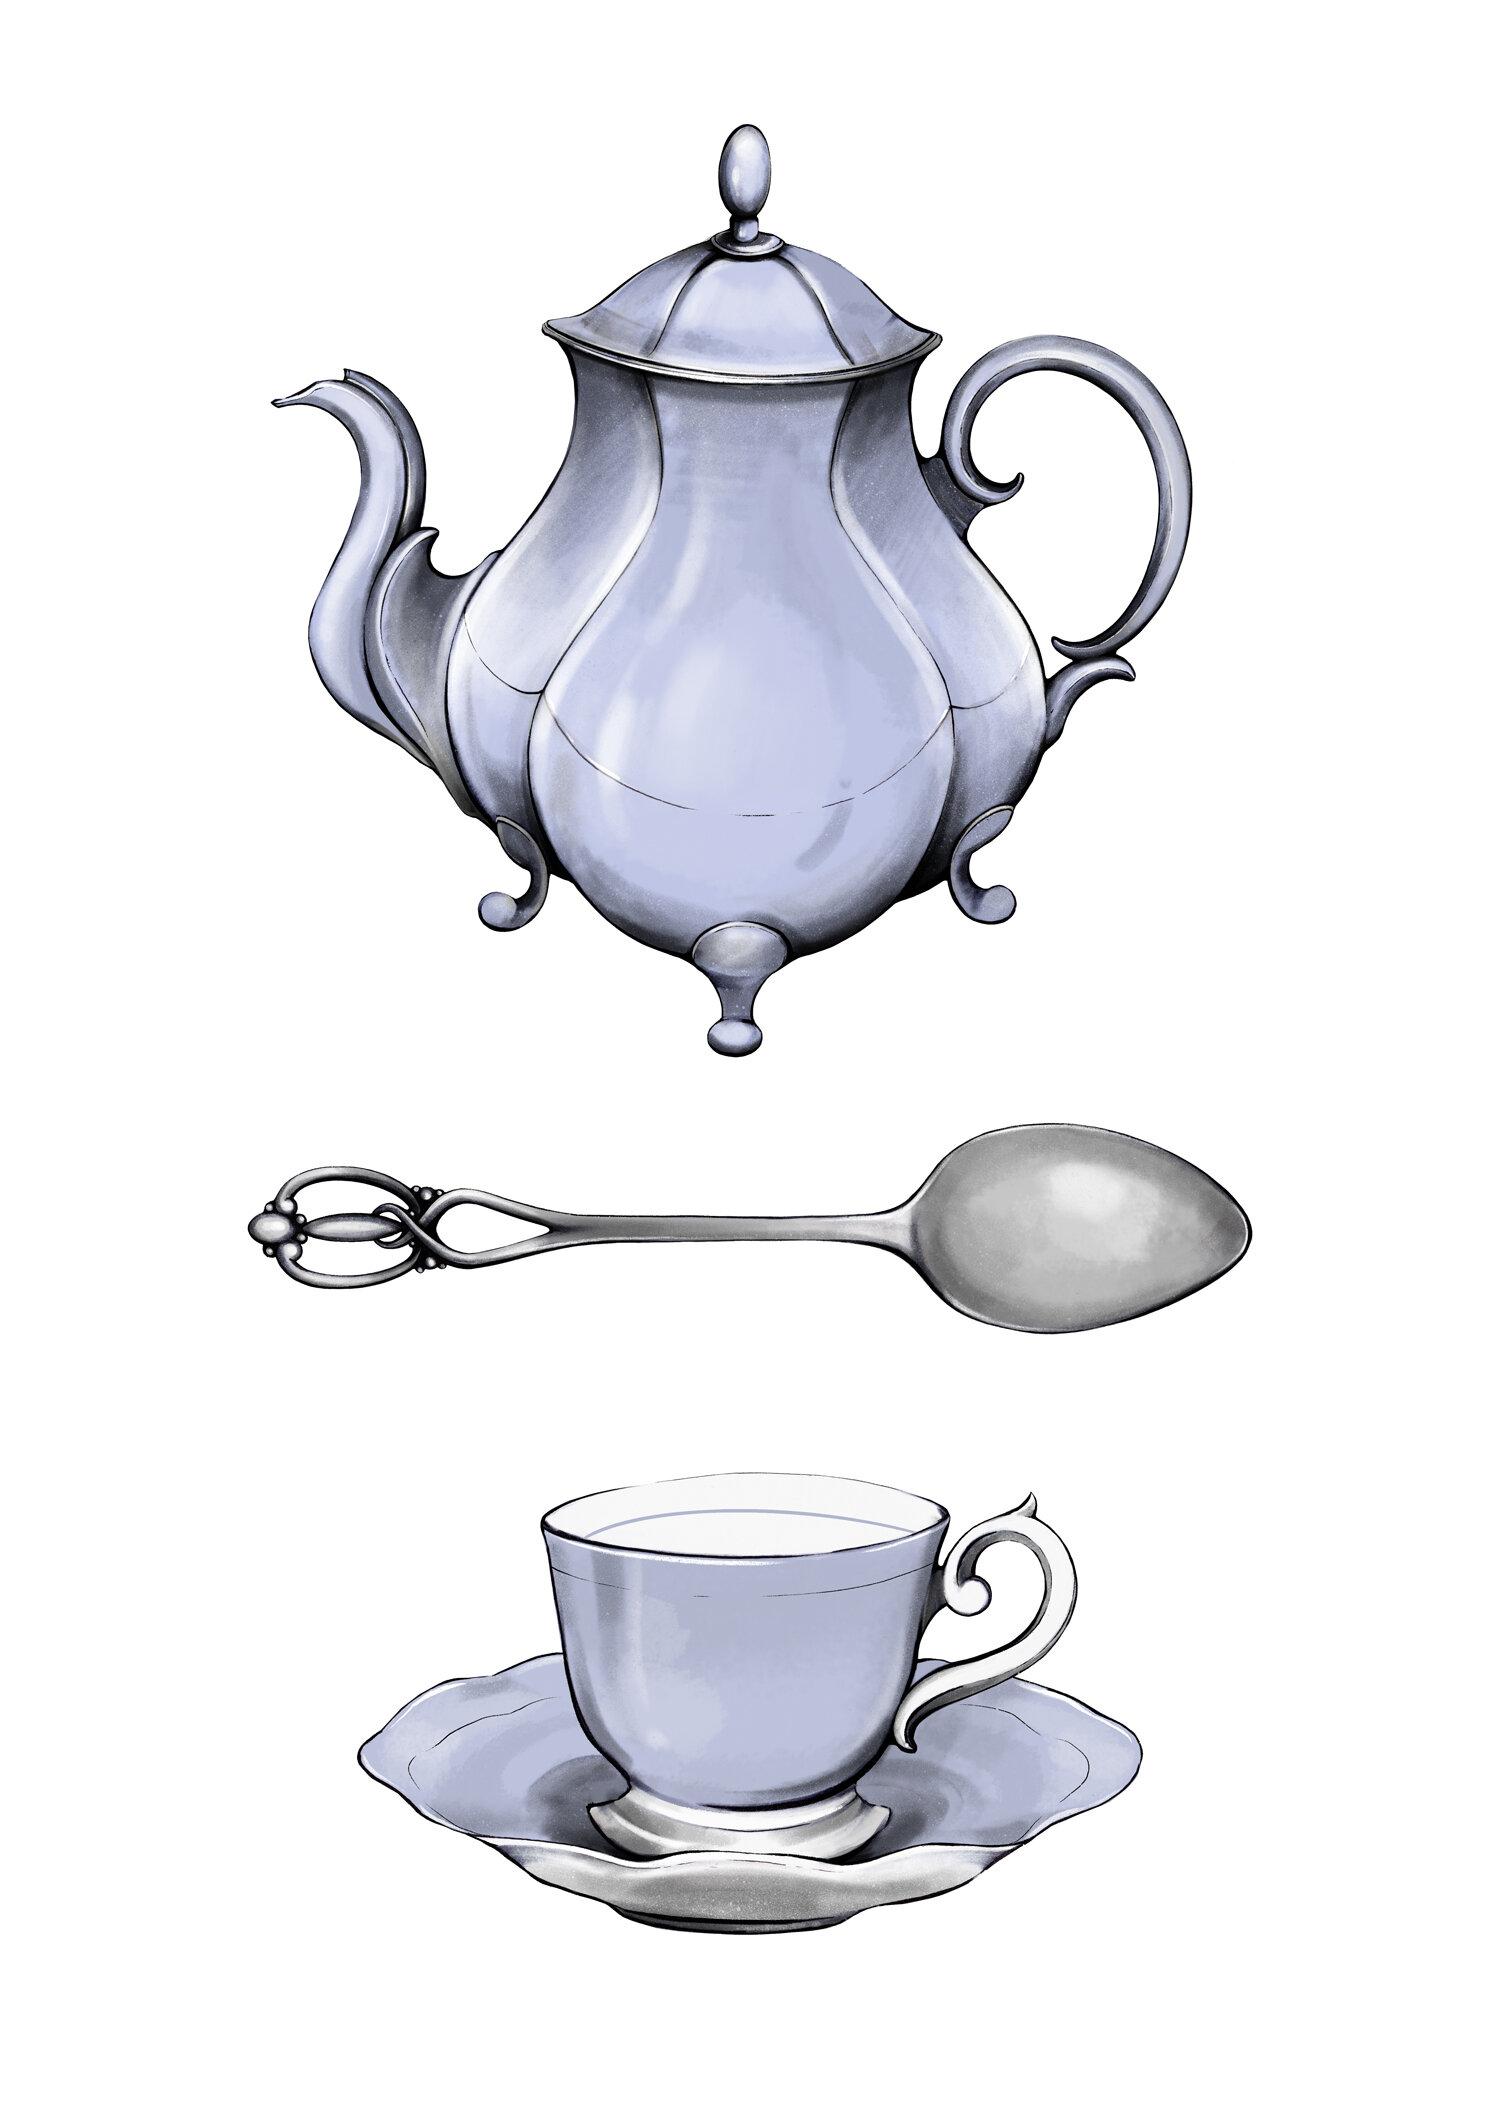 Teaware_Elements.jpg